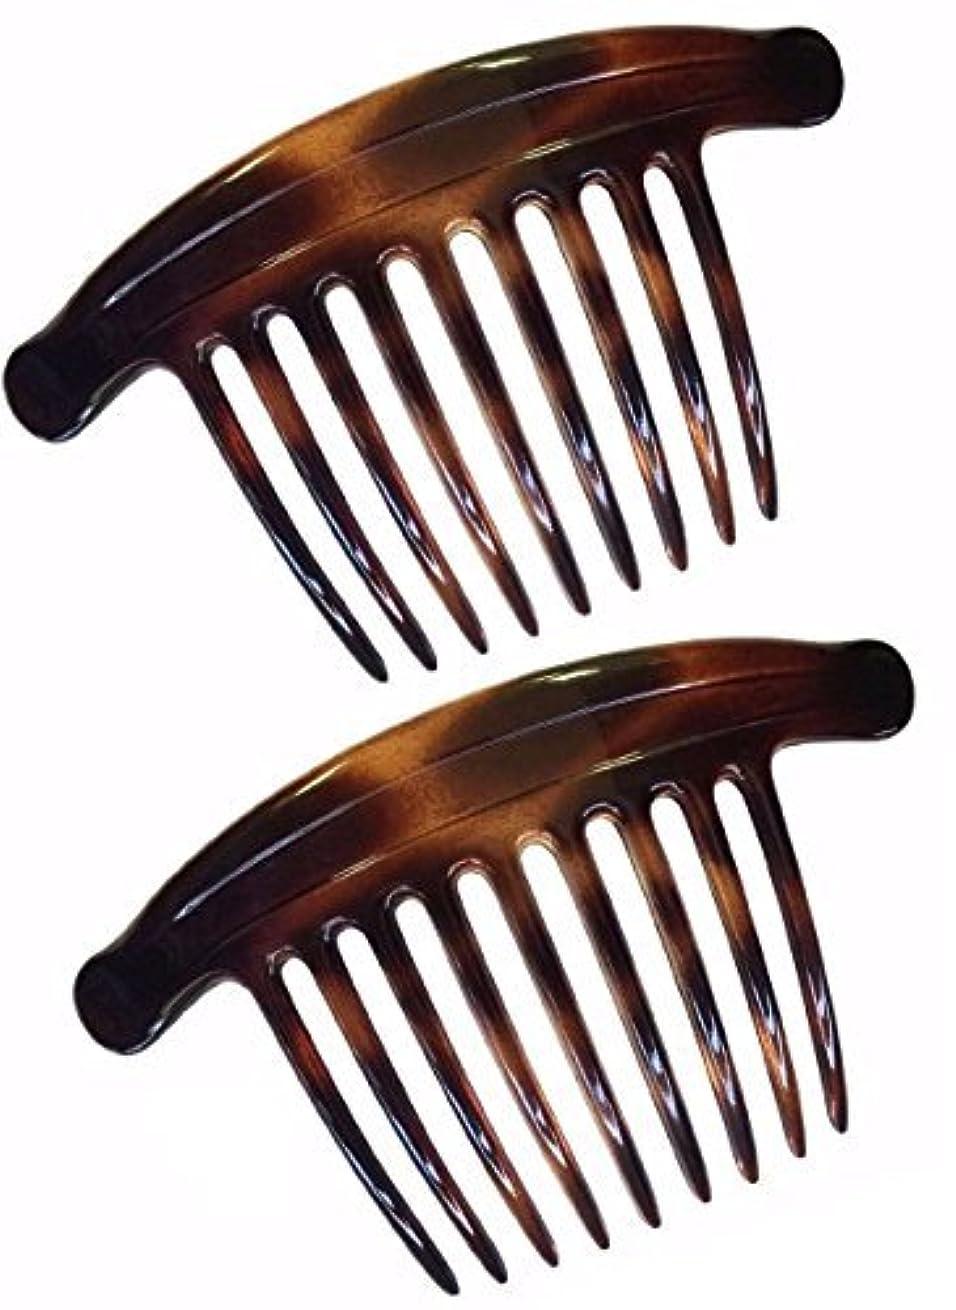 悪魔くParcelona French Lip Interlocking 9 Teeth 4.5 Inch Large Cellulose Tortoise Shell Side Hair Combs [並行輸入品]